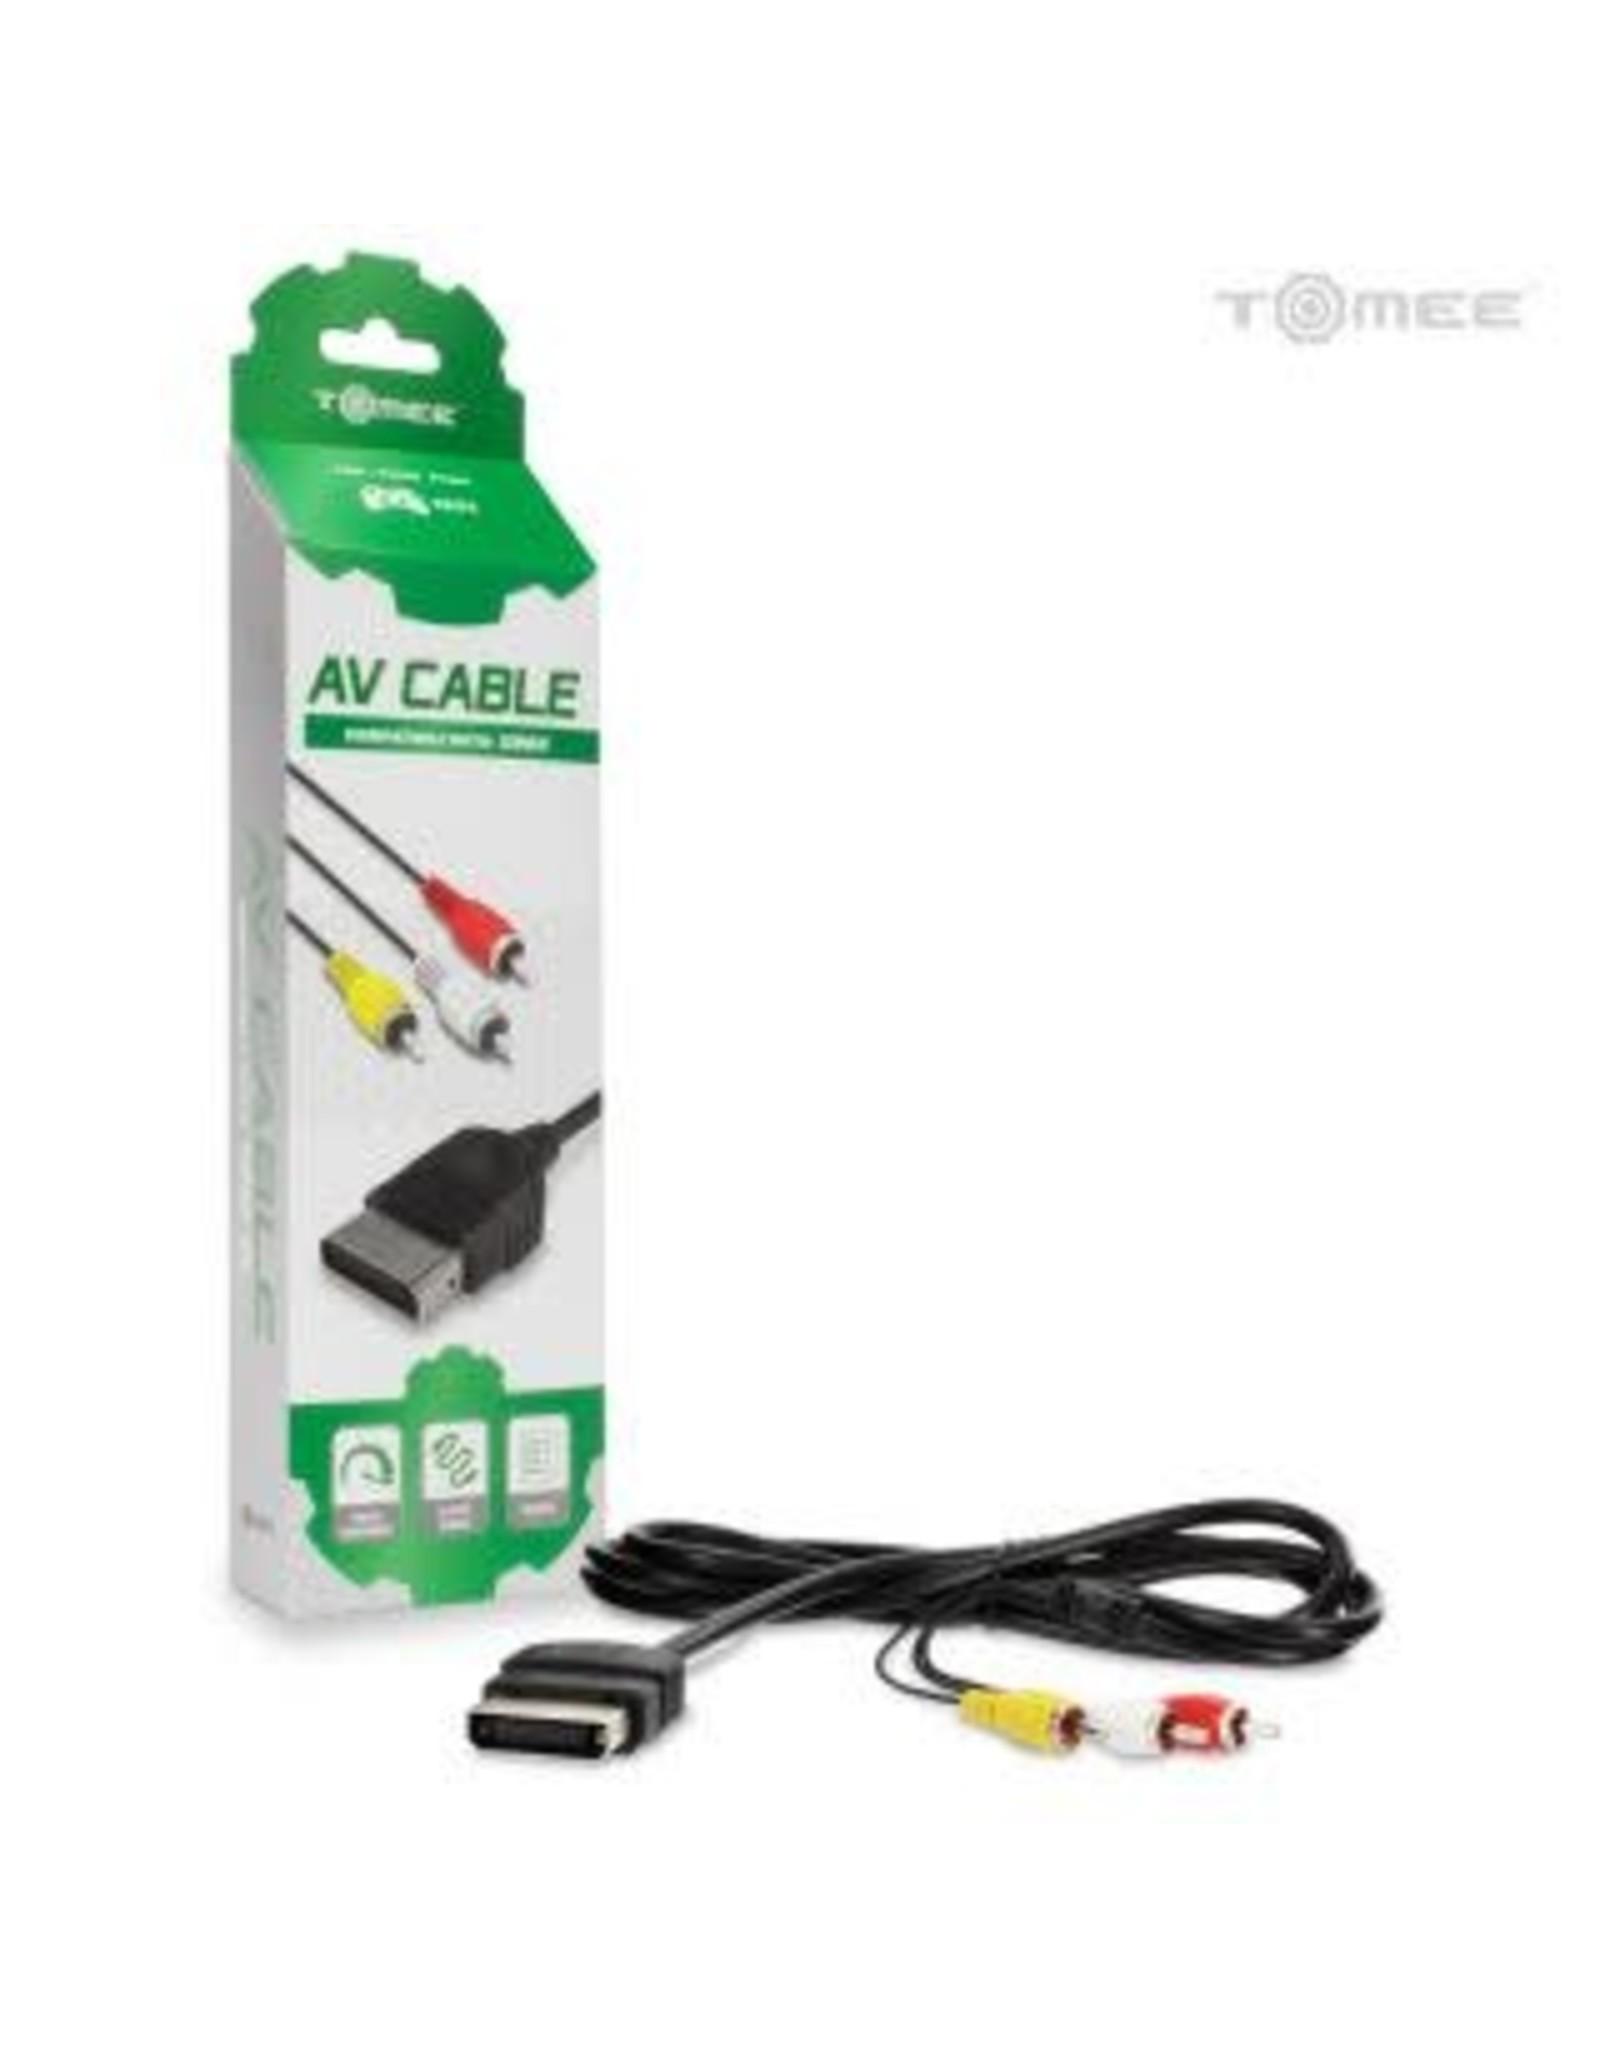 Xbox Original A/V Cable